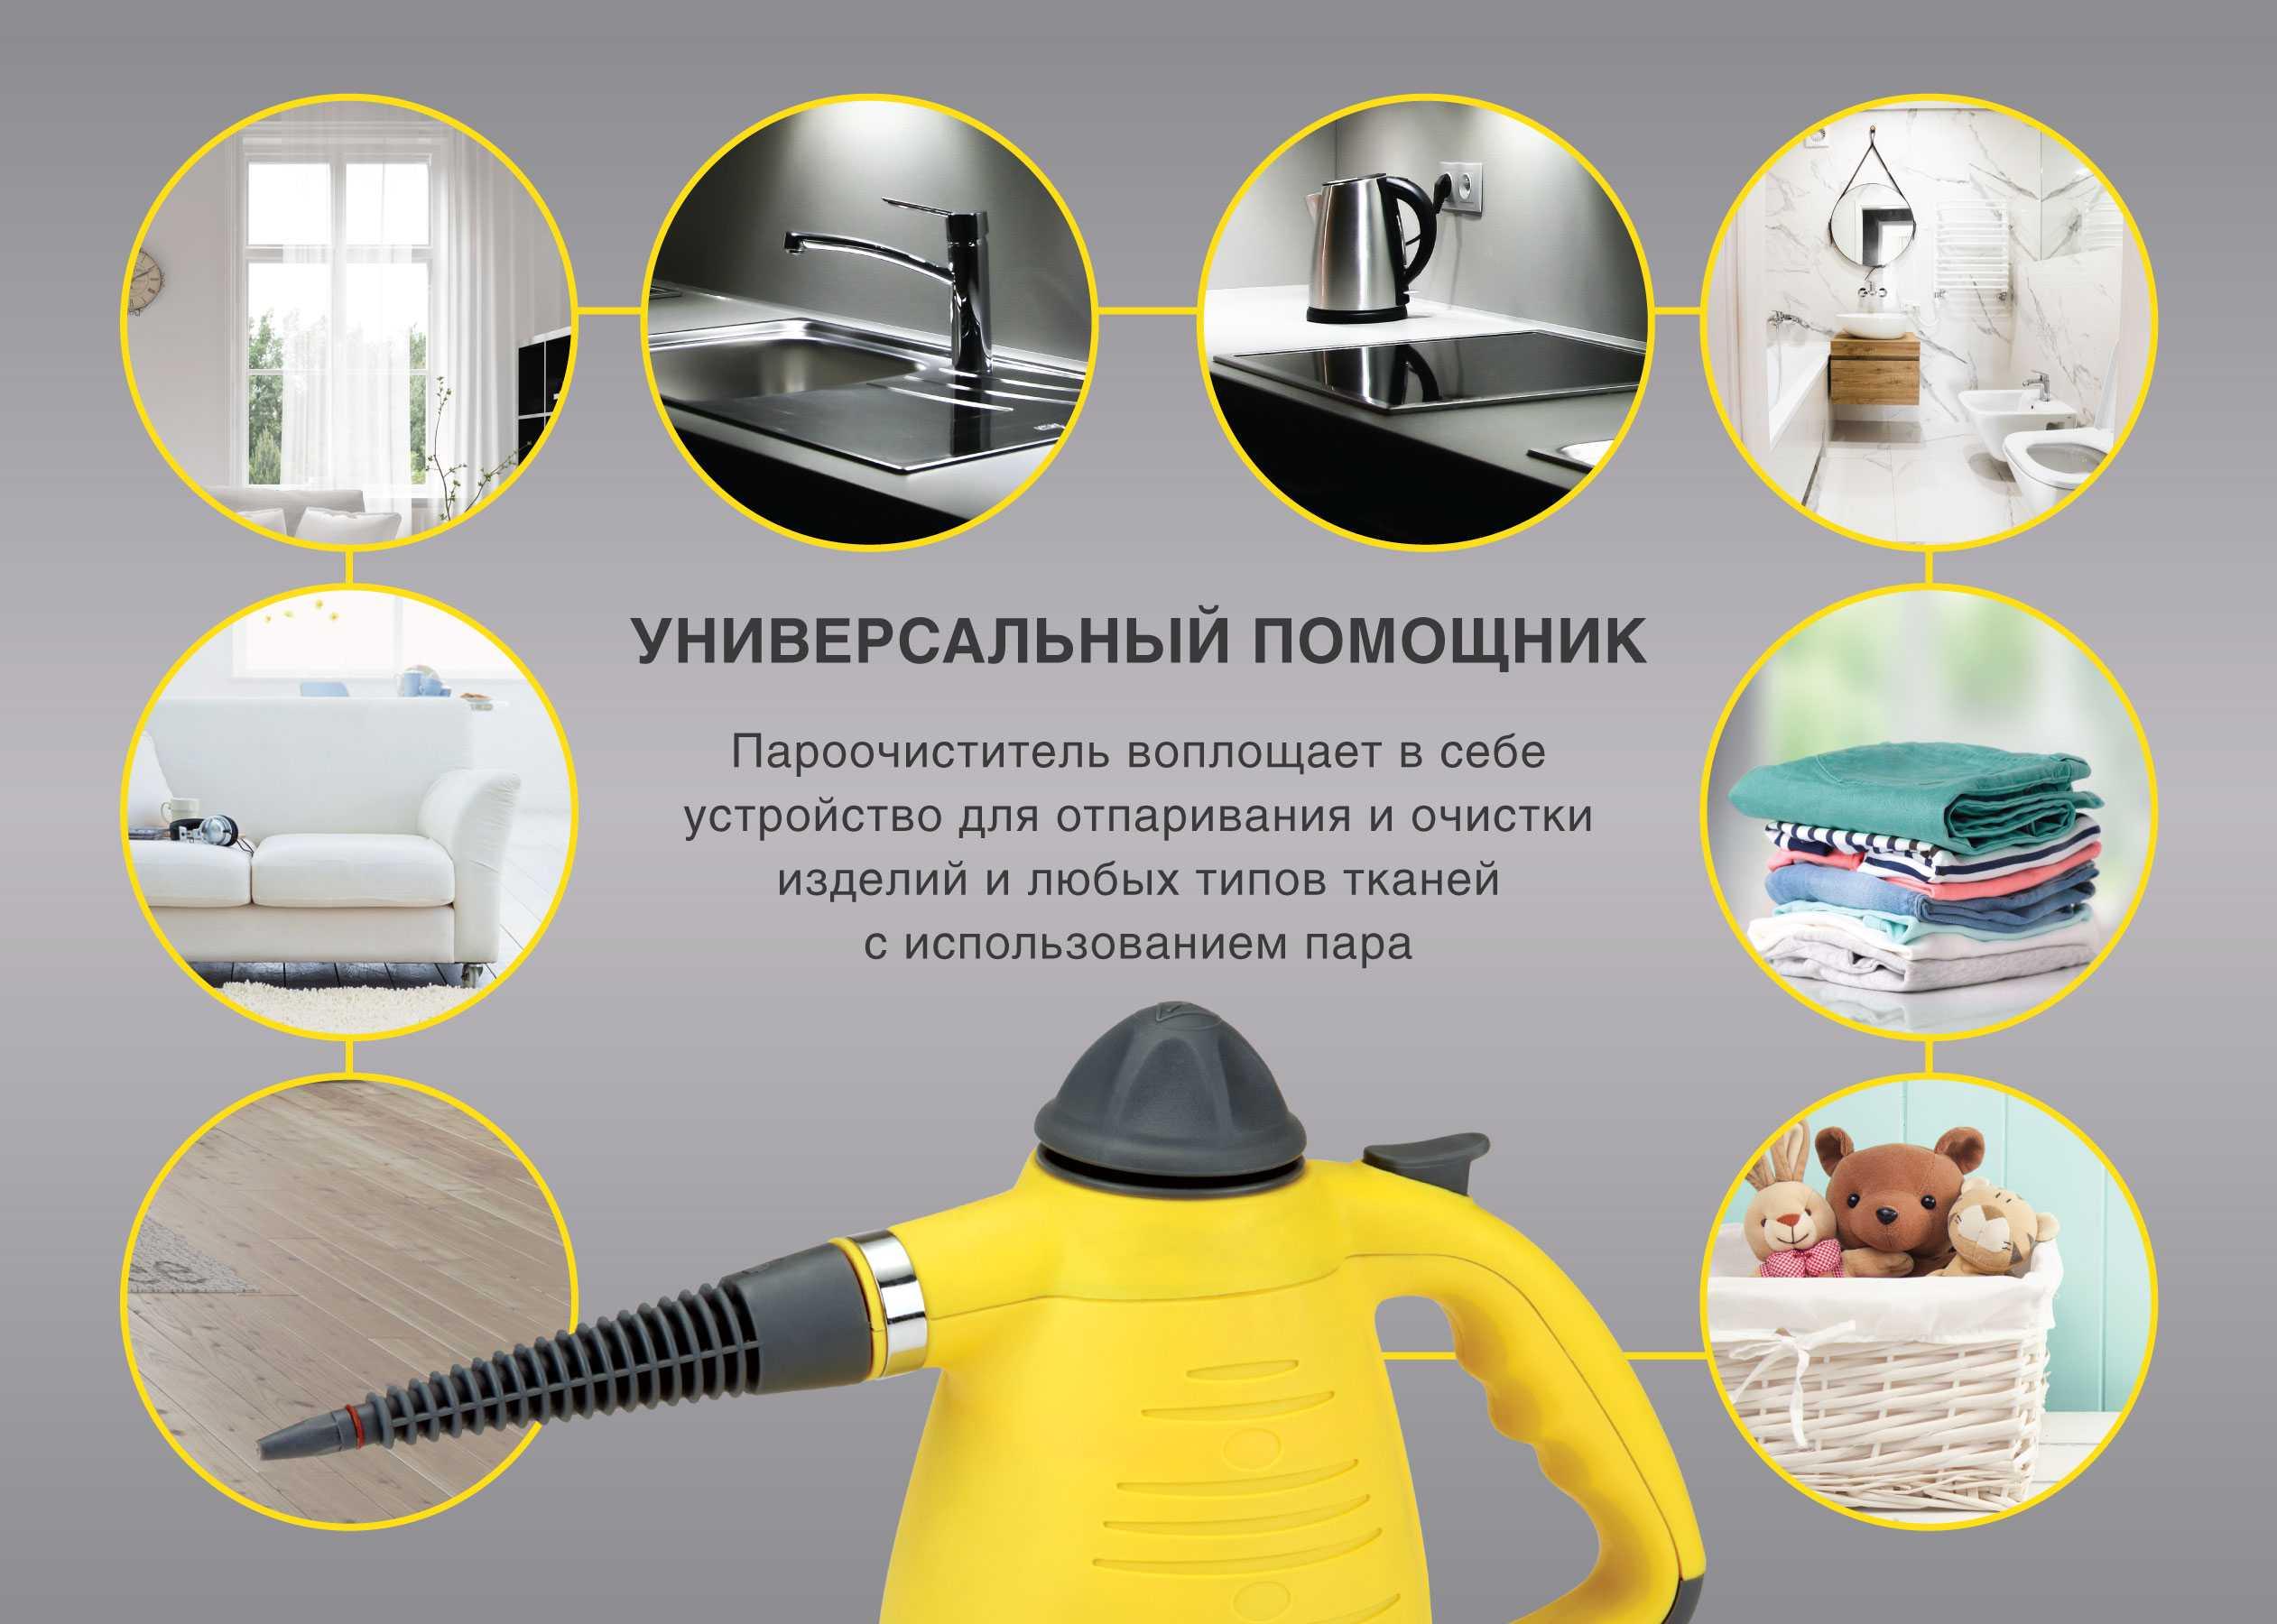 Какой выбрать пароочиститель для дома: обзор и рейтинг лучших, как выбрать самый хороший, цены и отзывы